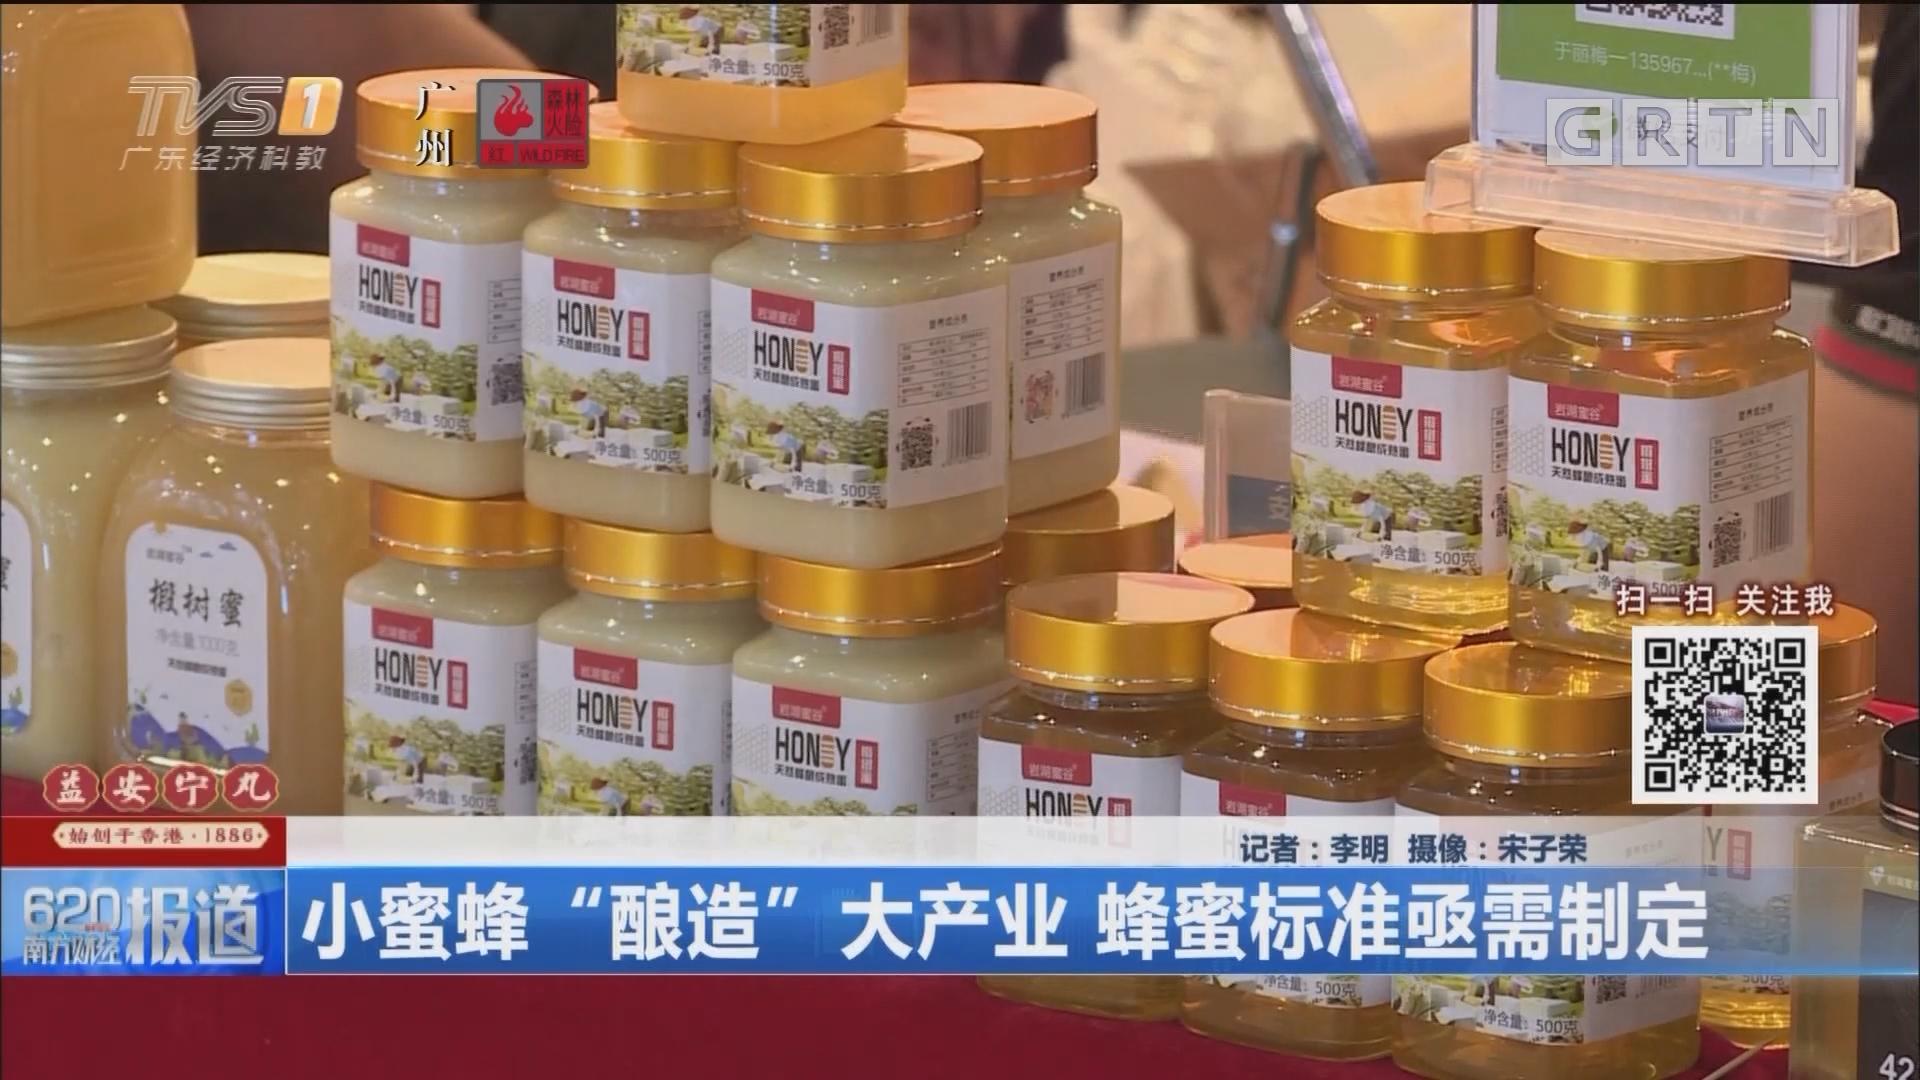 """小蜜蜂""""酿造""""大产业 蜂蜜标准亟需制定"""